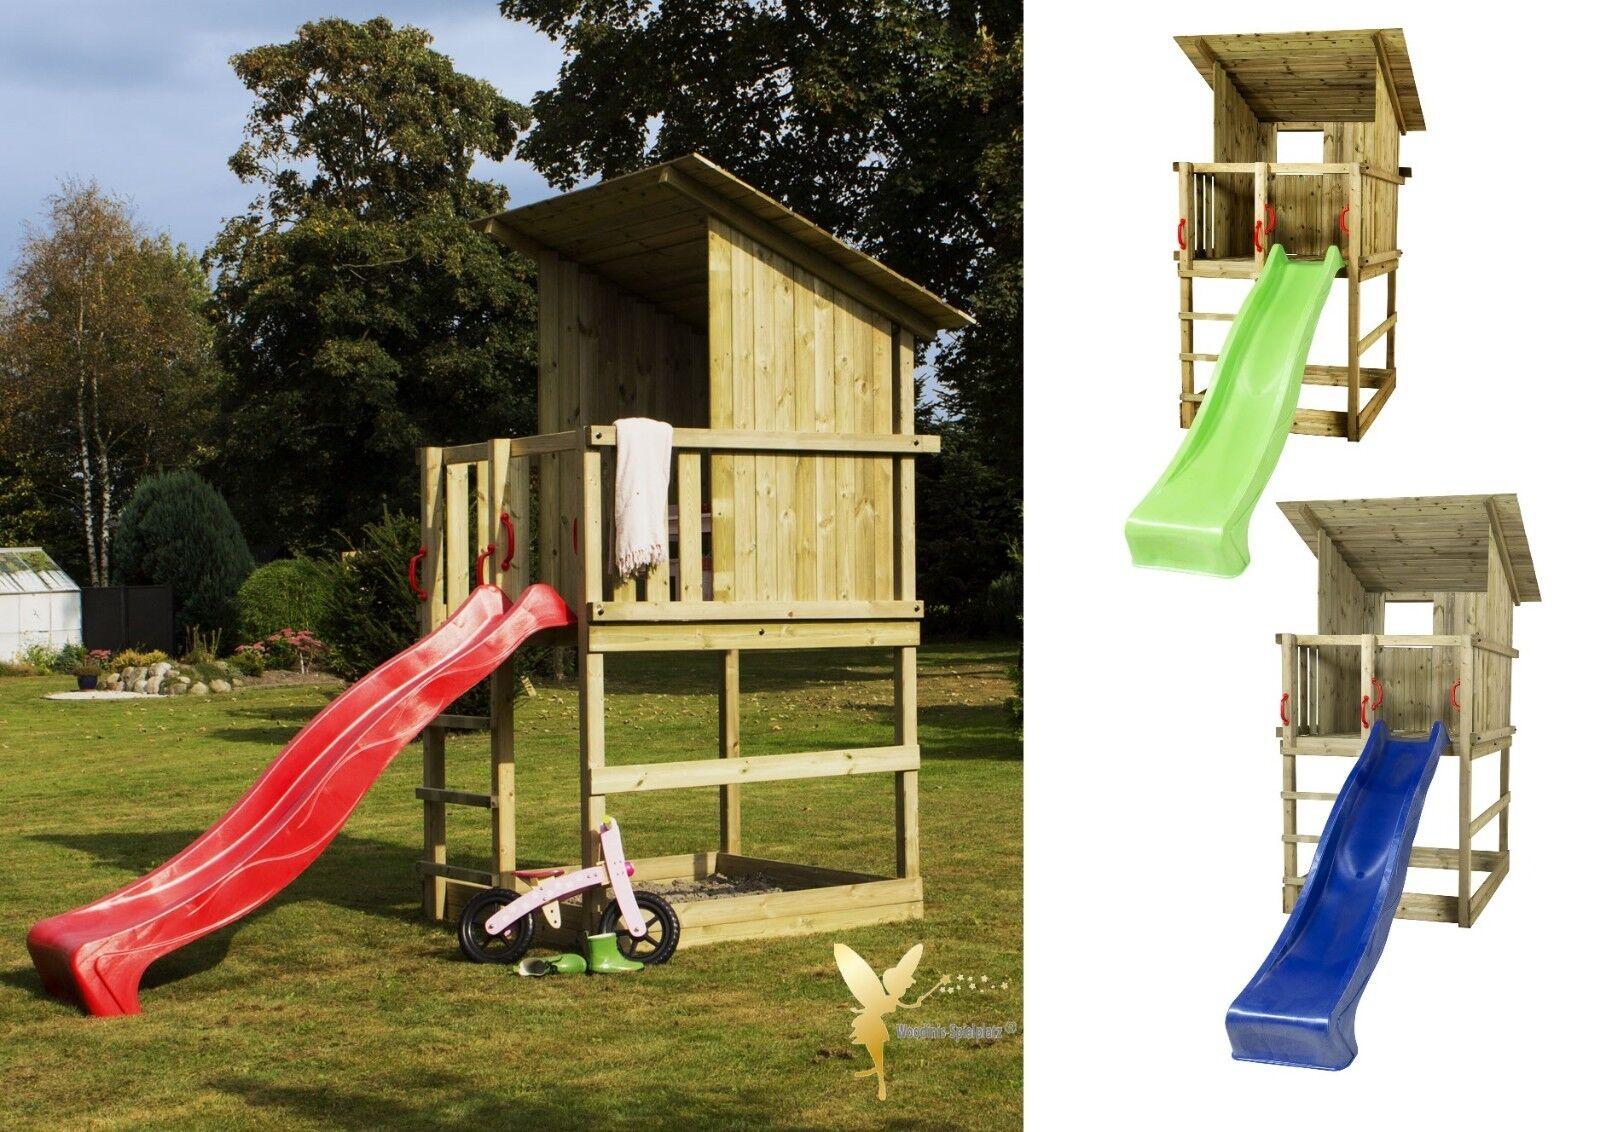 Klettergerüst Kinder Test : Spielturm mit rutsche und sandkasten test vergleich